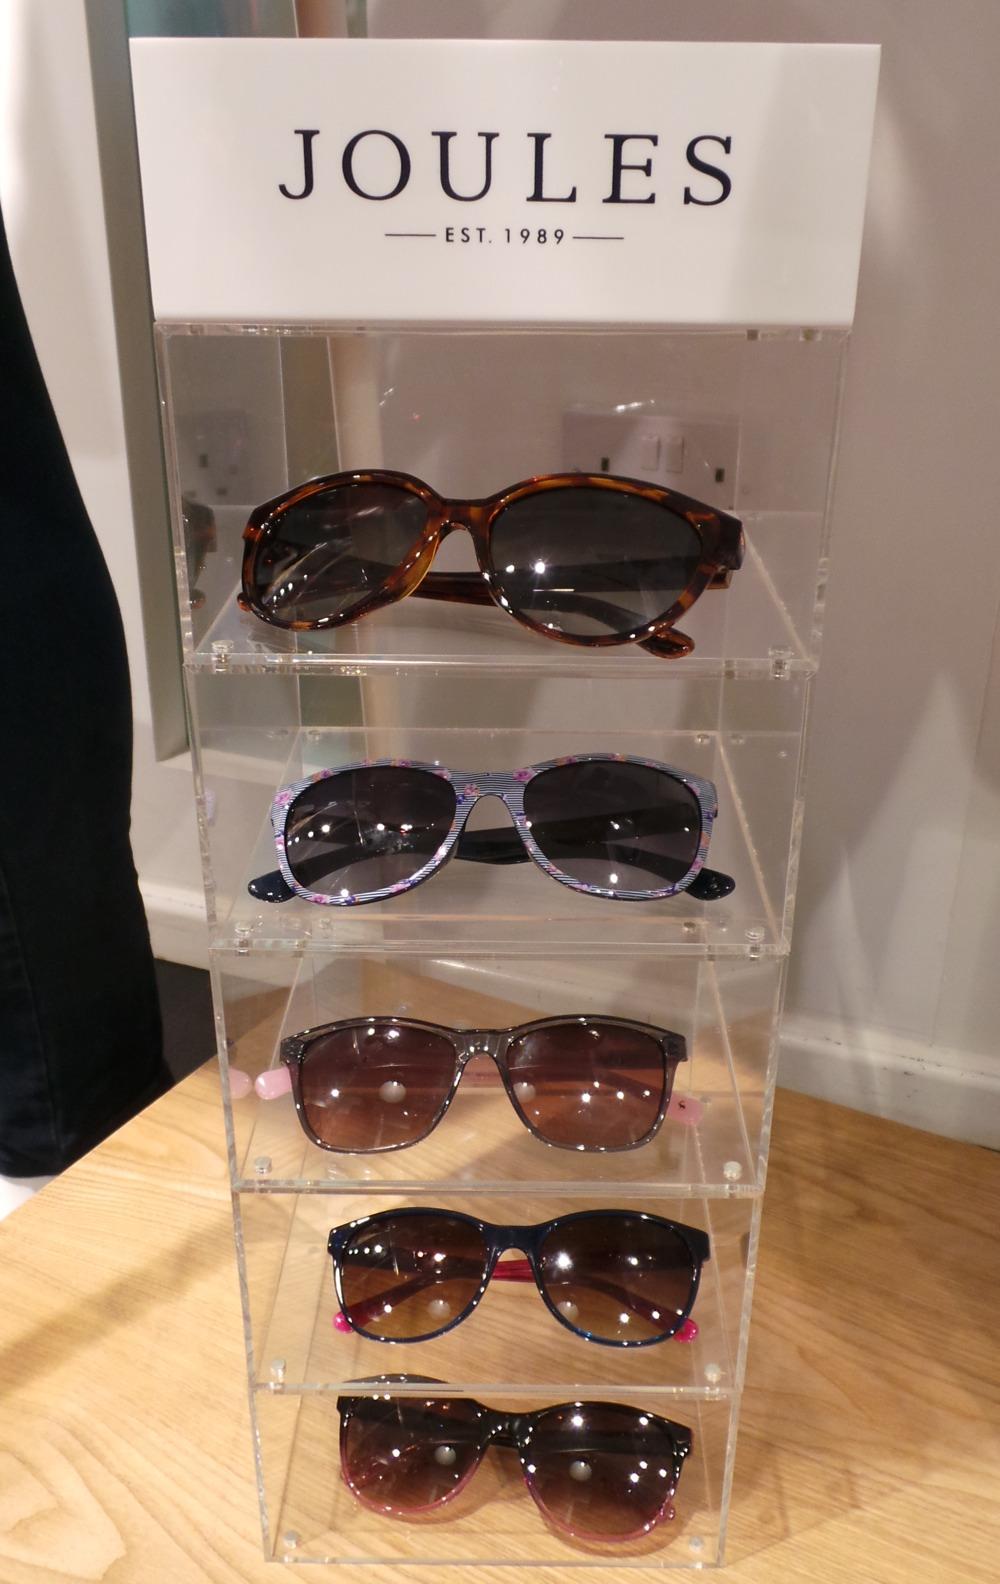 Joules Spring/ Summer 2017 Sunglasses Range